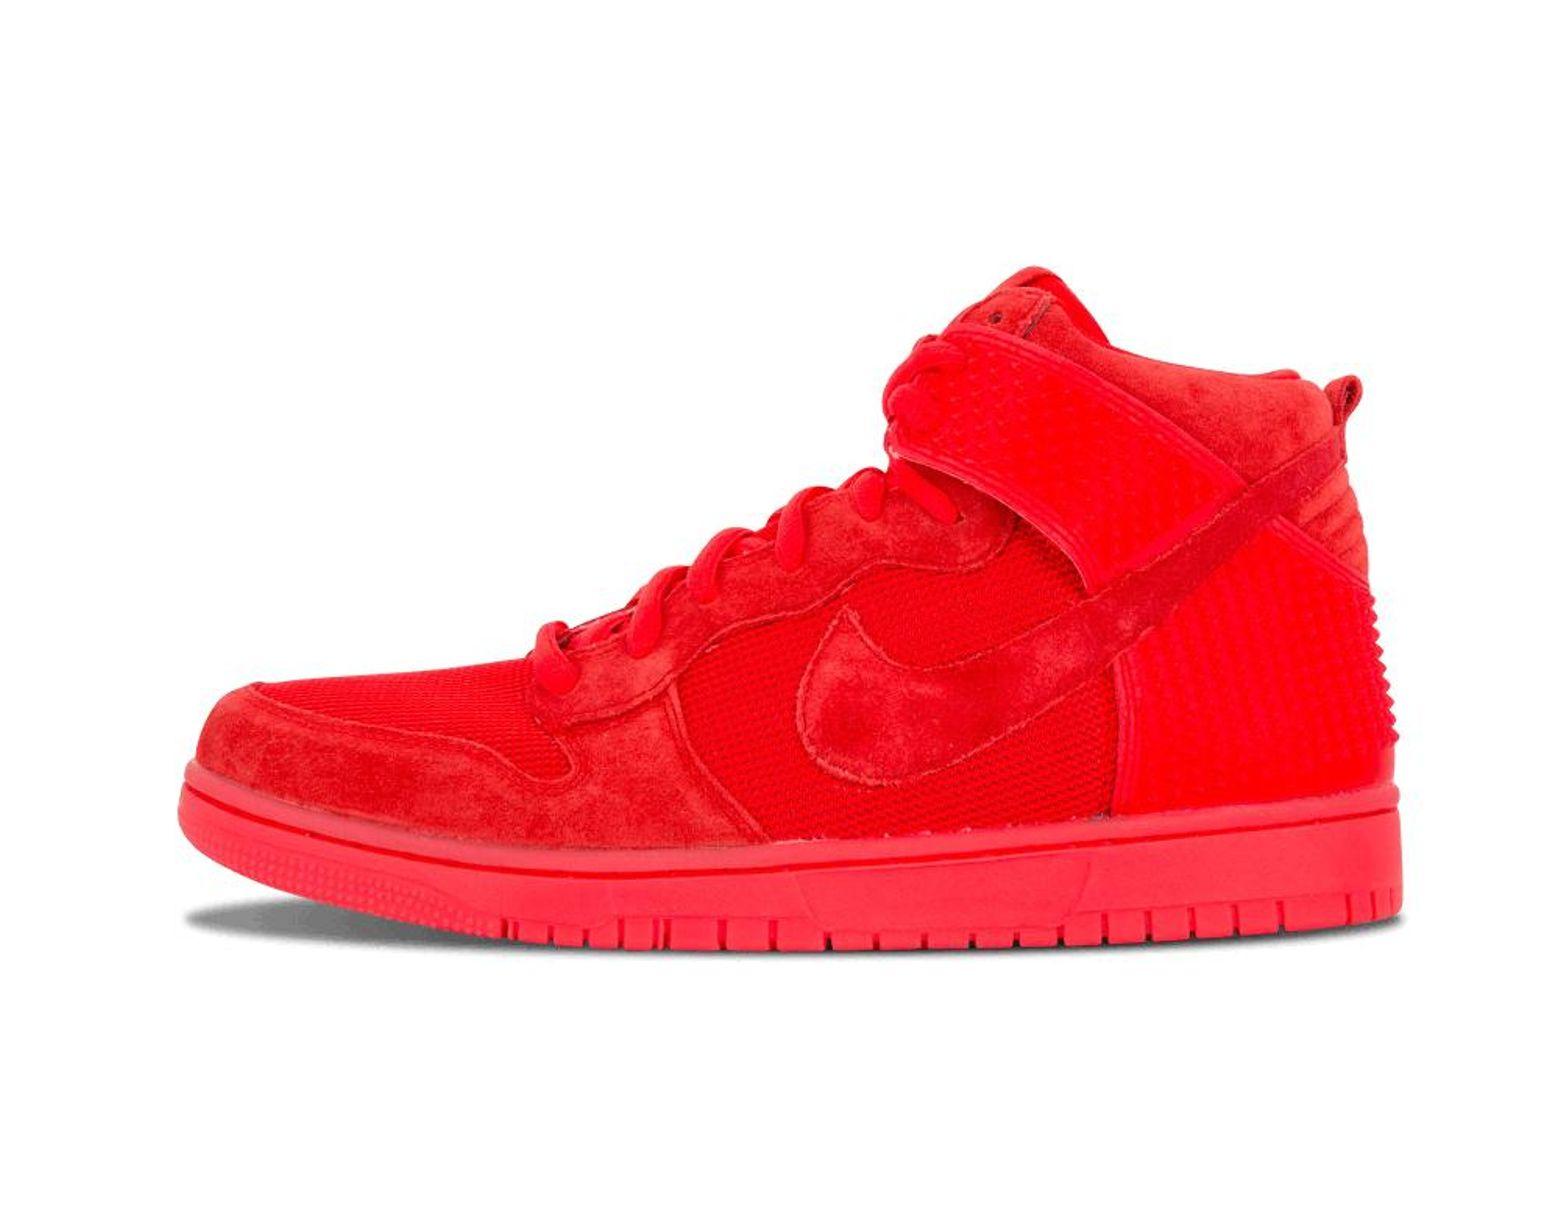 hot sale online 8dd8b 6bd38 Nike. Men s Dunk Cmft Prm  red October  - Size 10